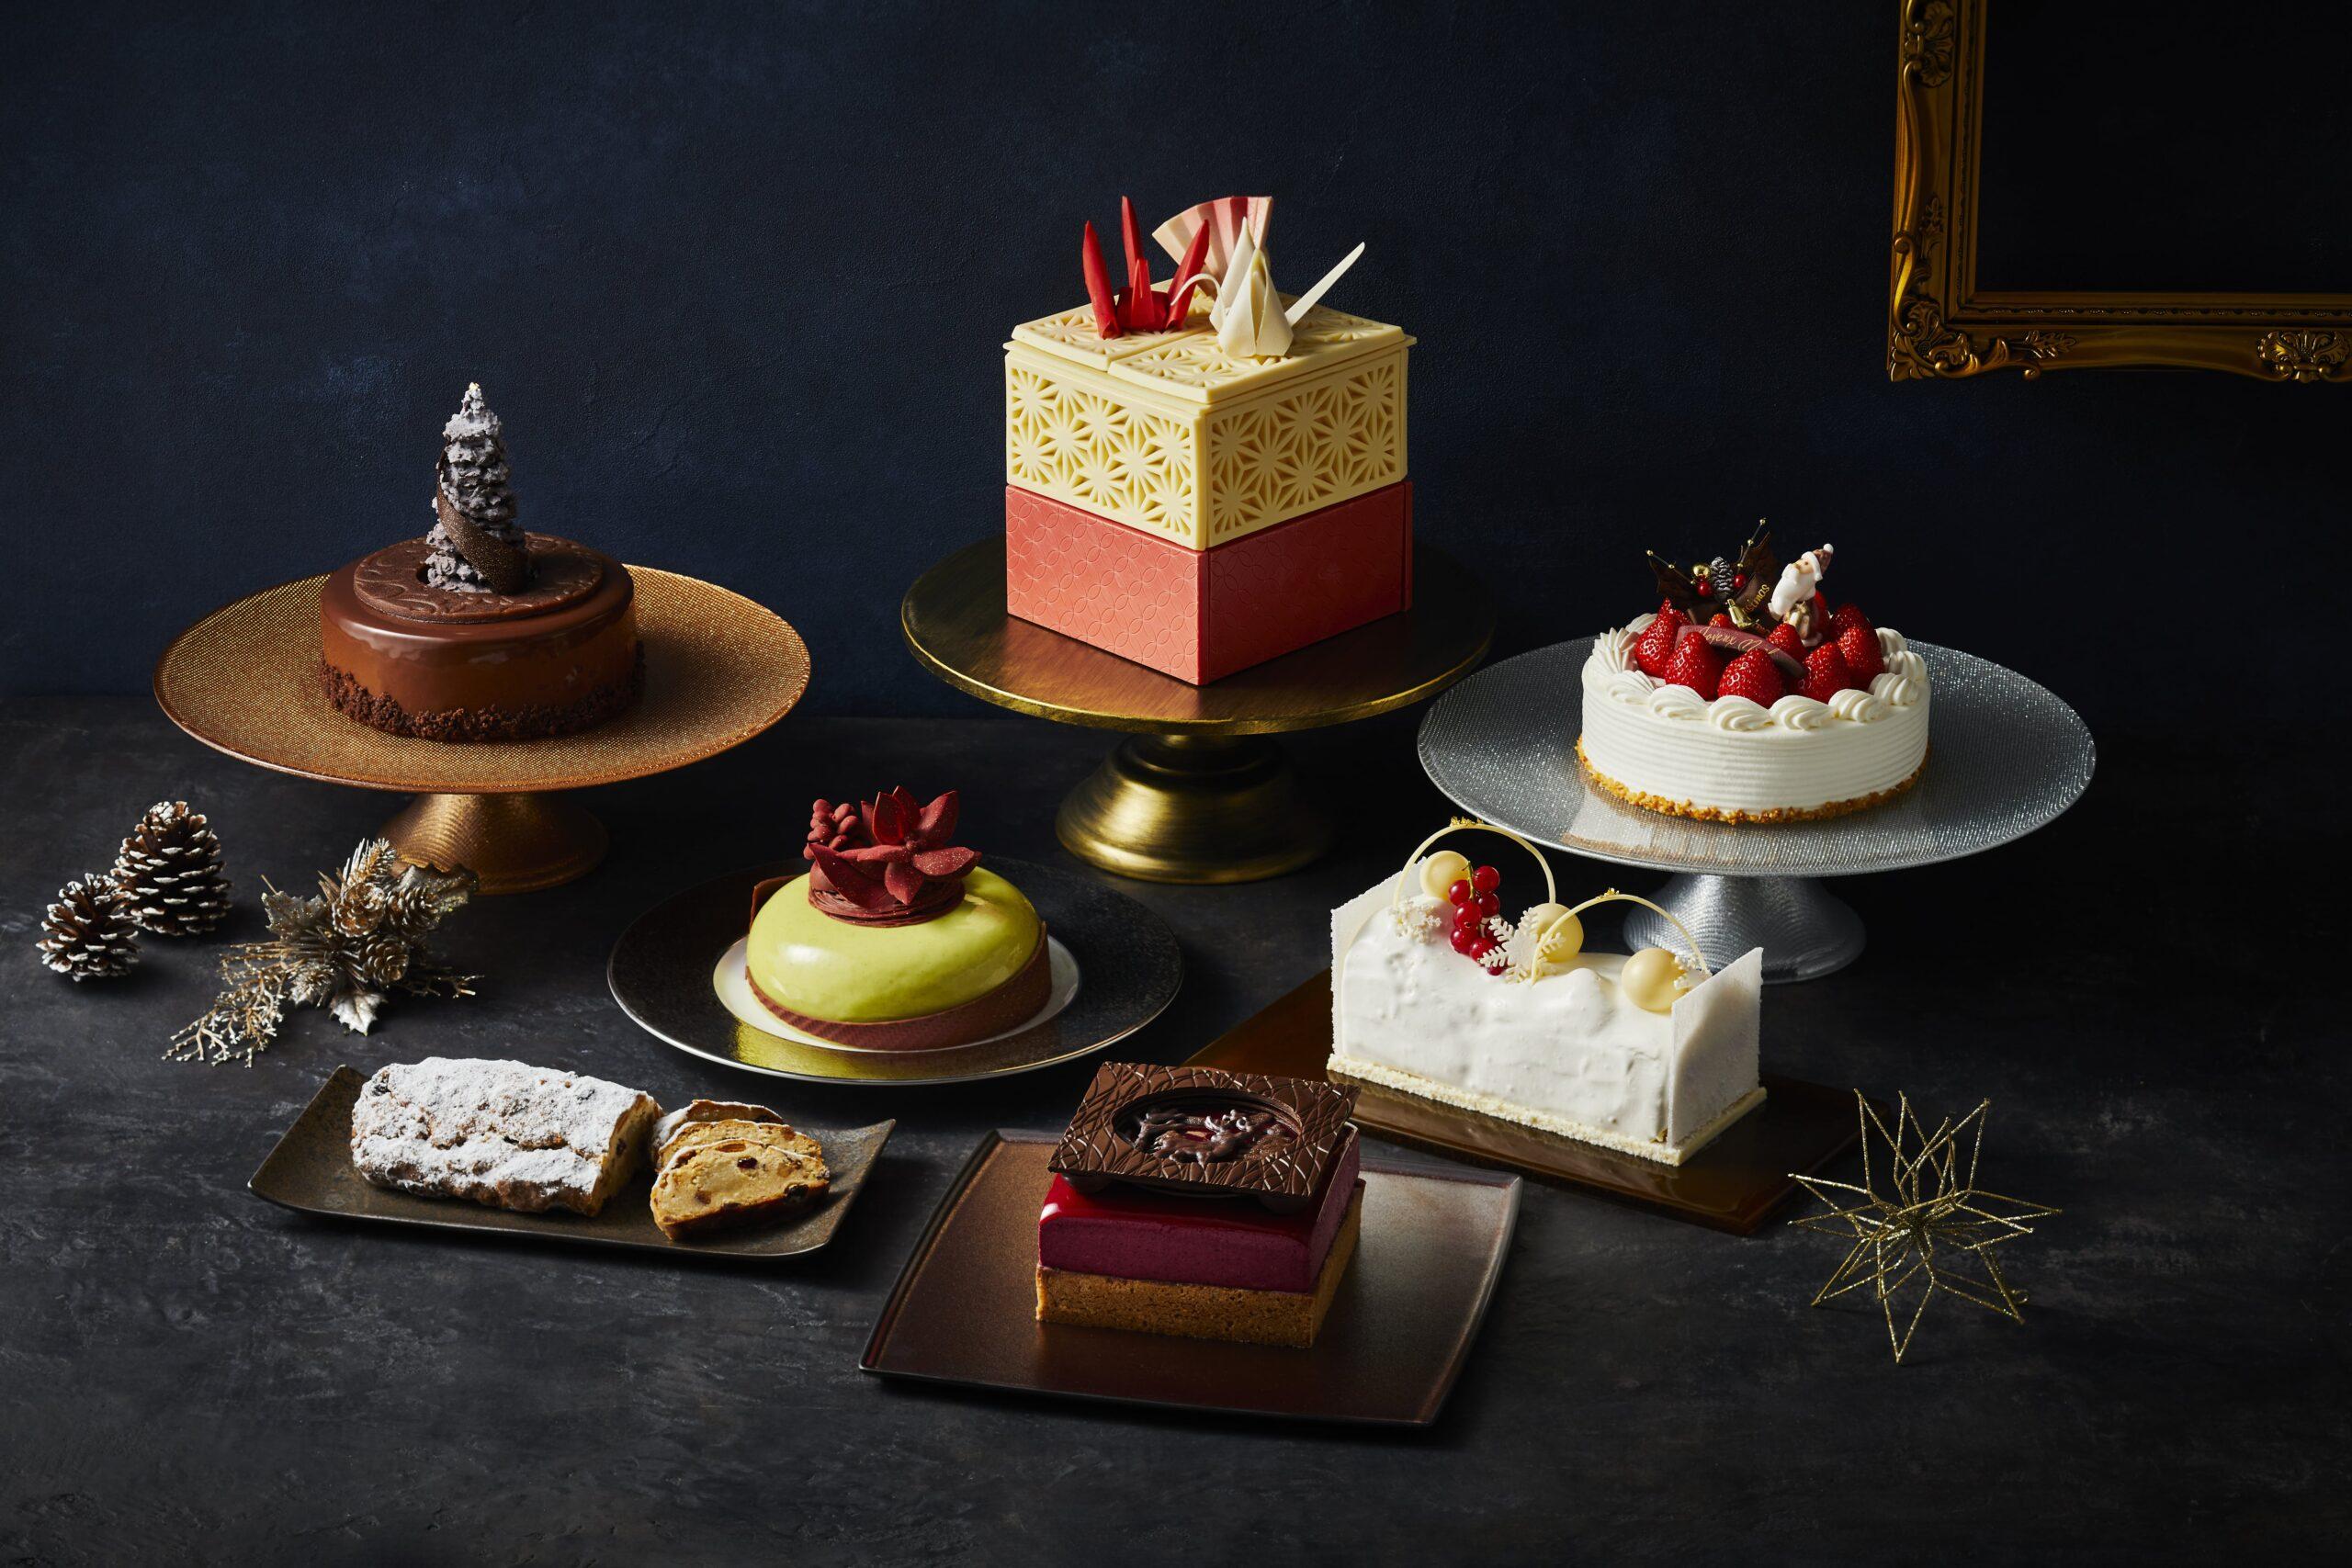 《ホテル雅叙園東京》 2021年の芸術的な美のクリスマスケーキ7種 テーマは「Art Temptation -アートの甘い誘惑-」